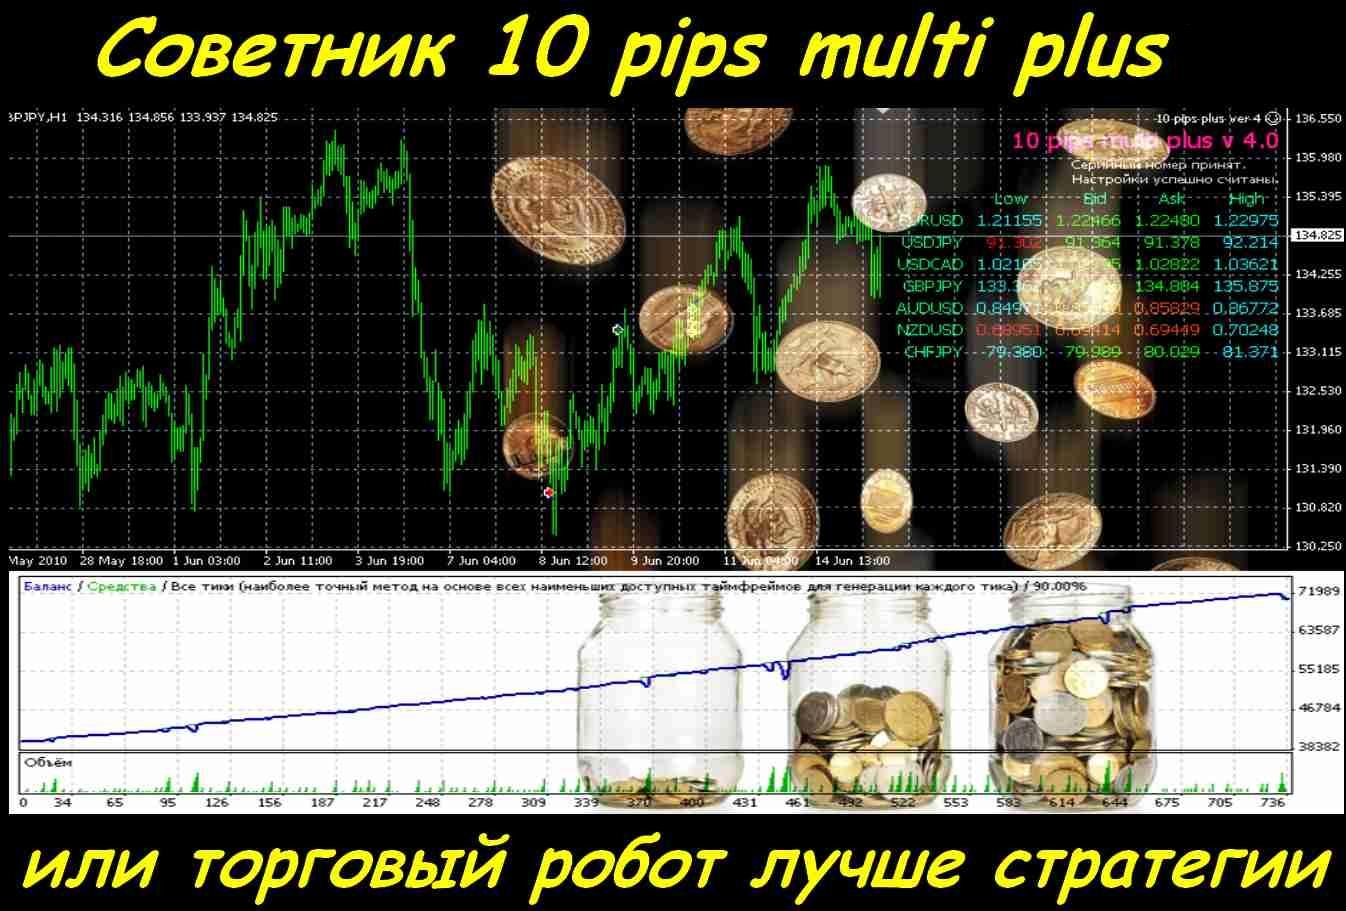 Мультивалютный депозит форекс торги по нефти в реальном времени